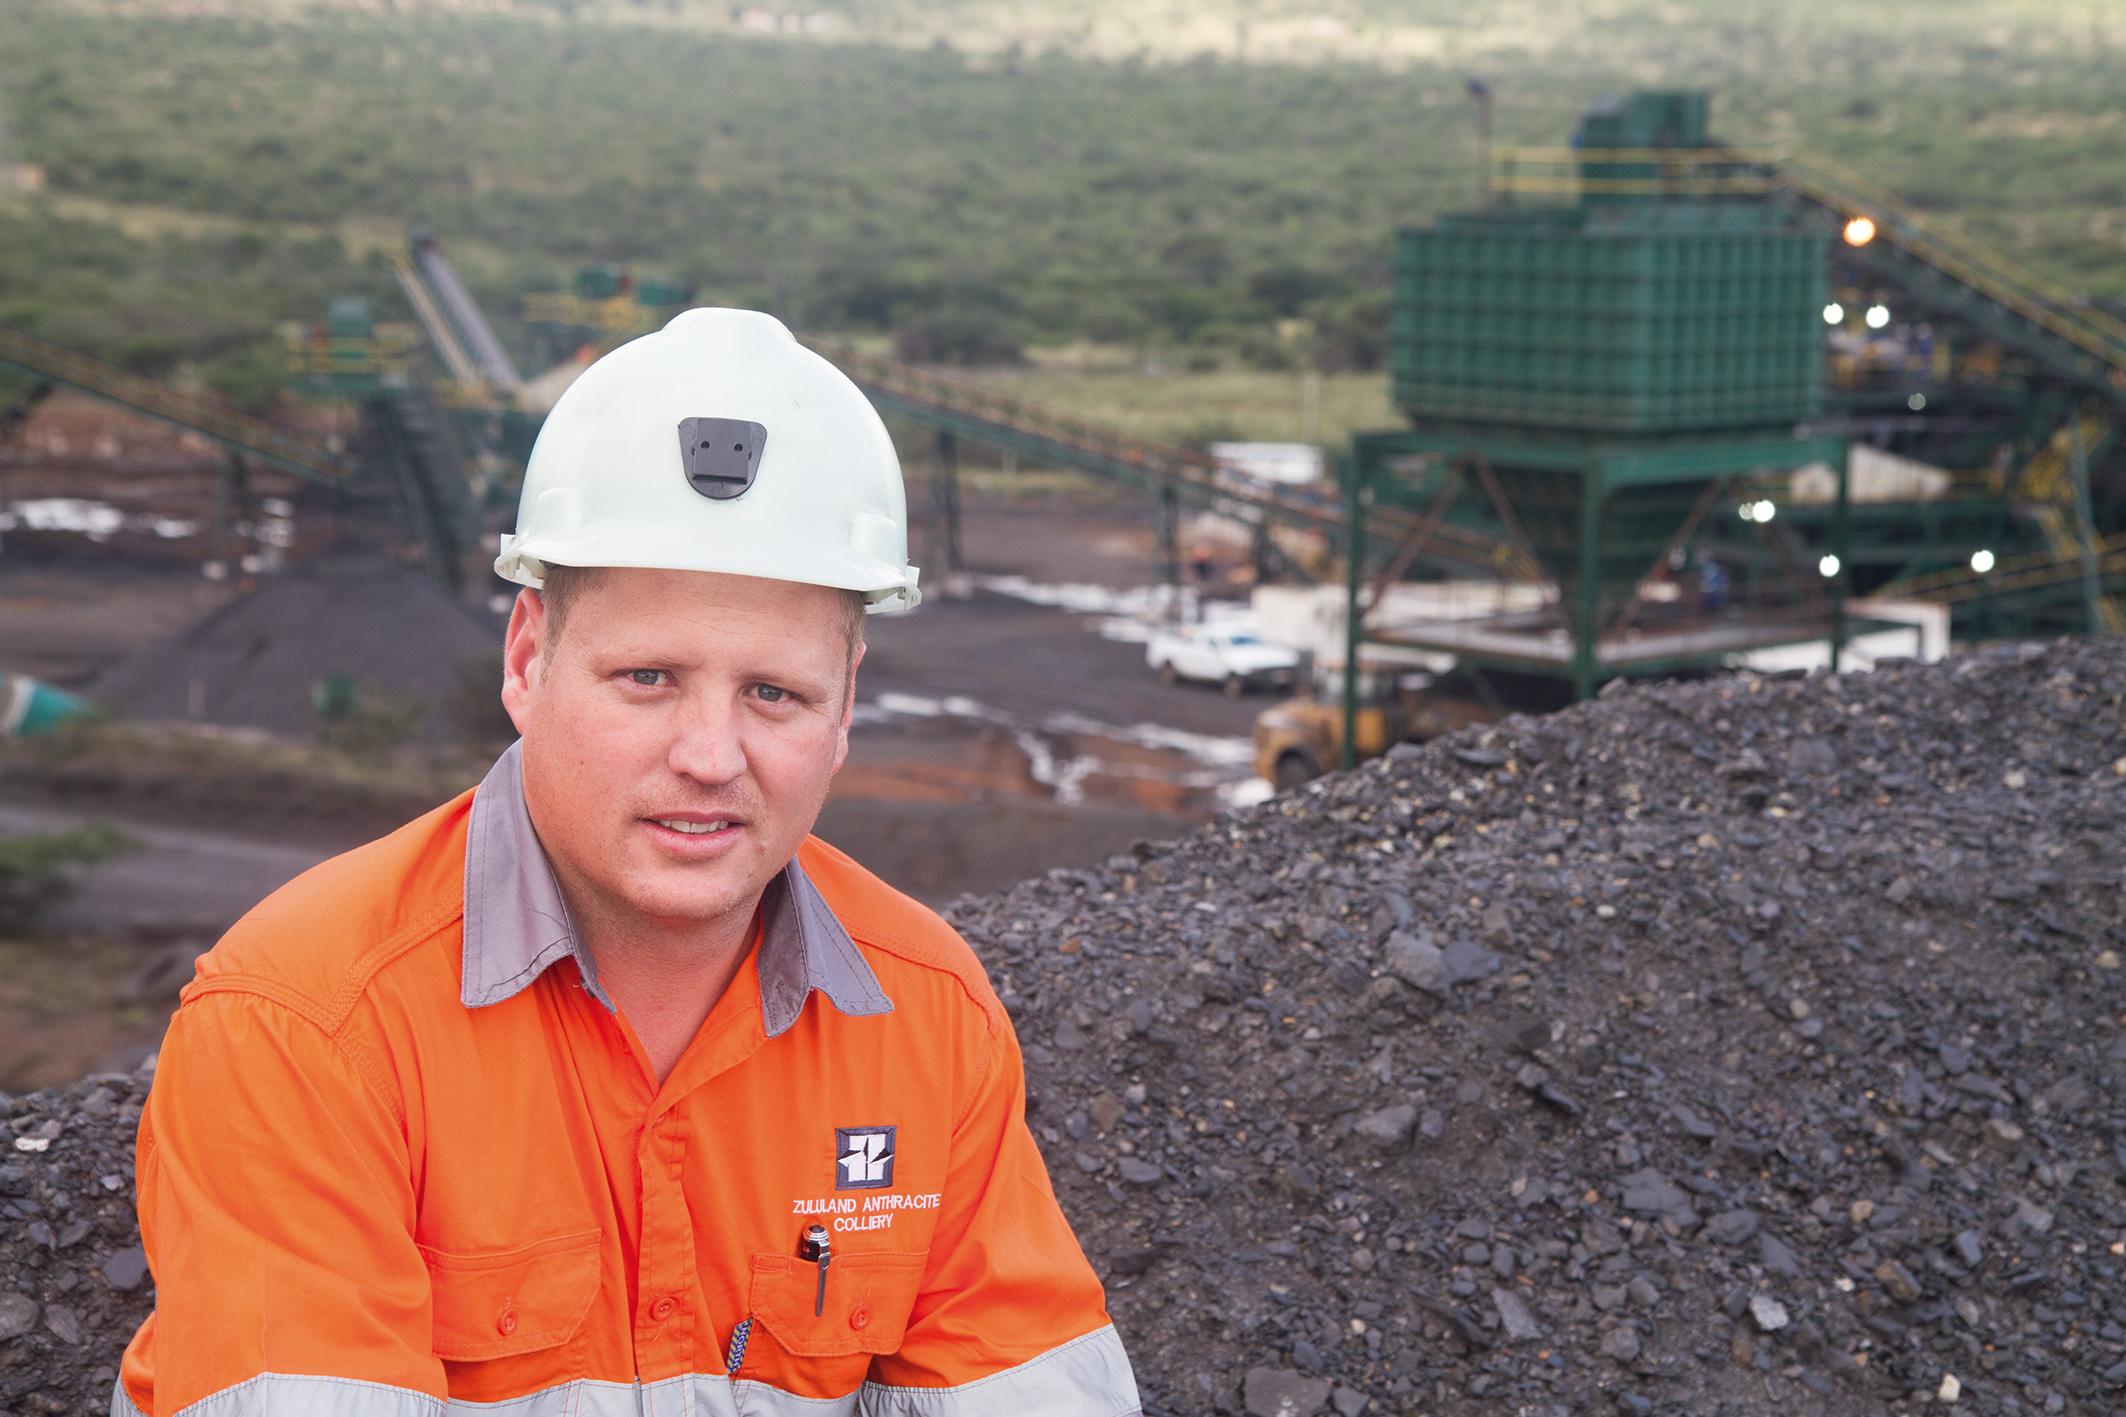 ZAC_MiningWeekly_BradleyHammond_03.jpg